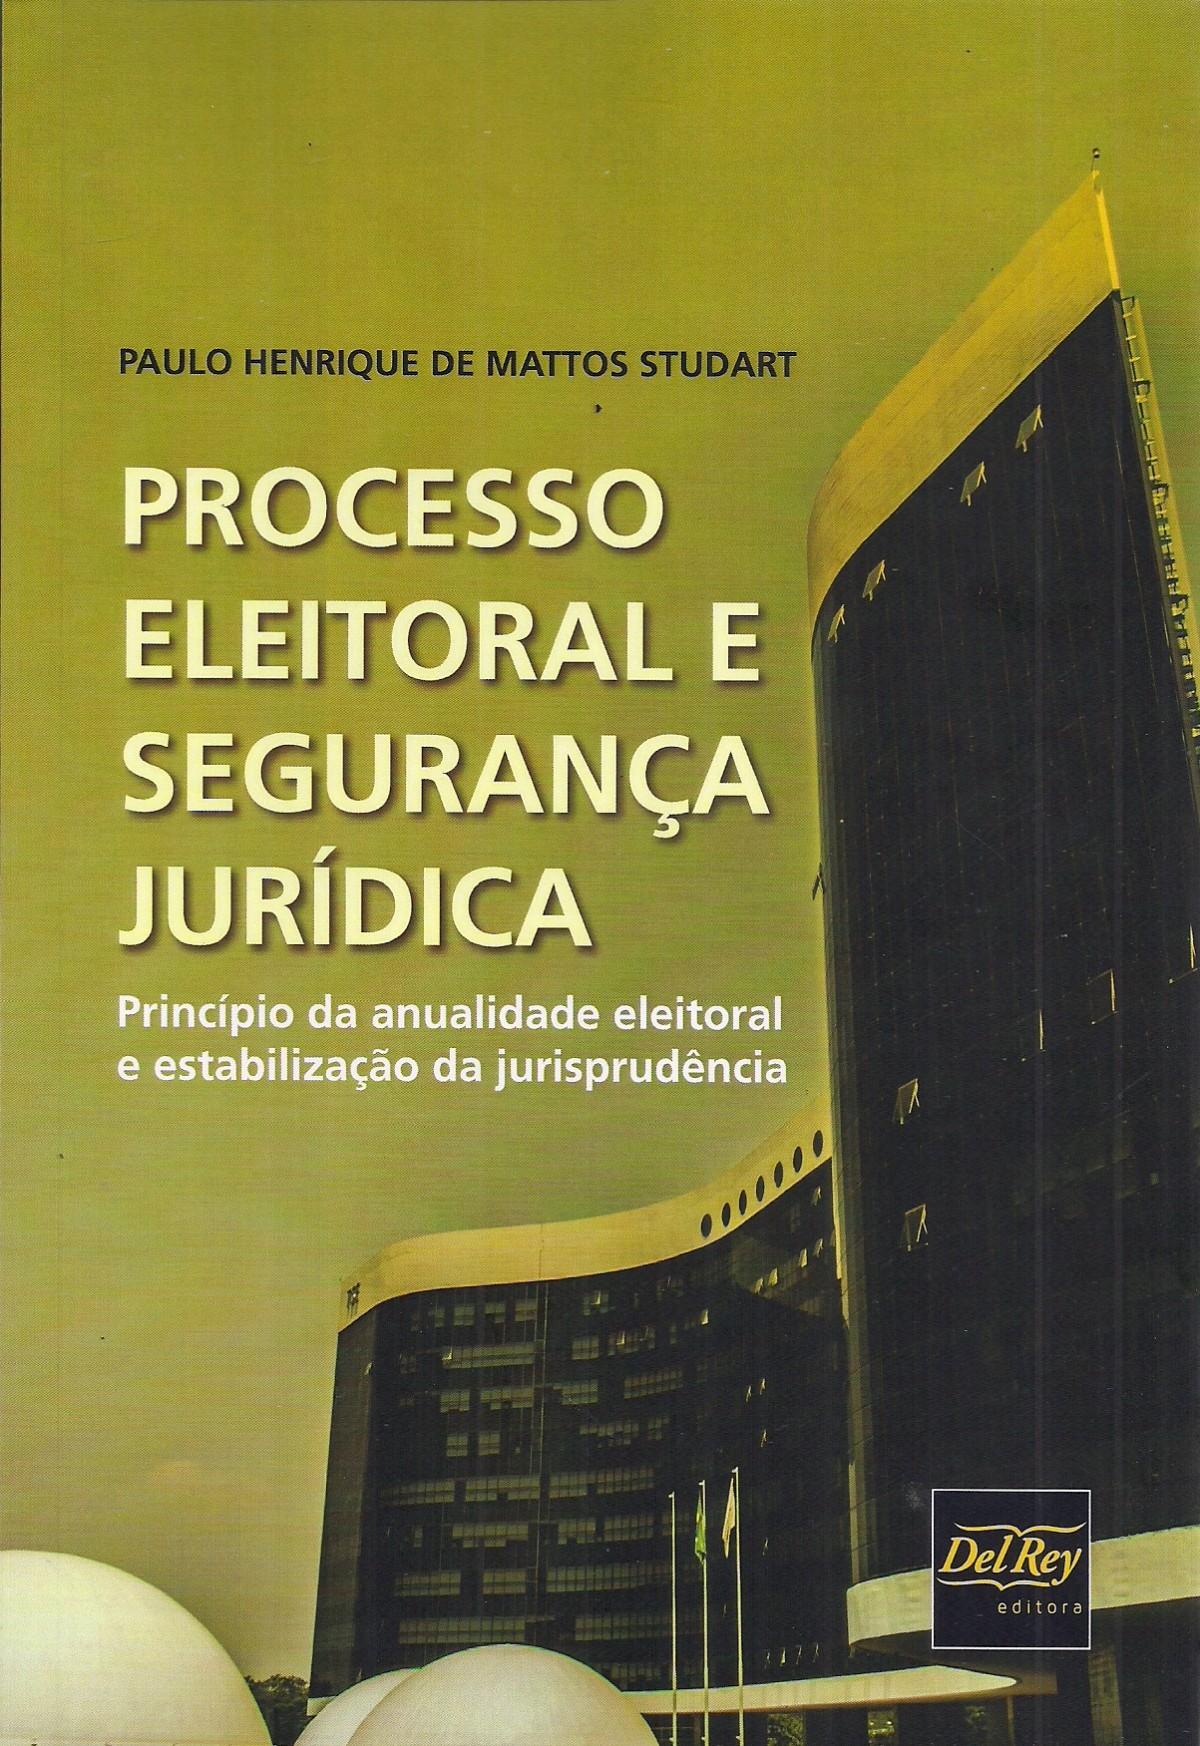 Foto 1 - Processo Eleitoral e Segurança Jurídica - Princípio da Anualidade Eleitoral e Estabilização da Juris